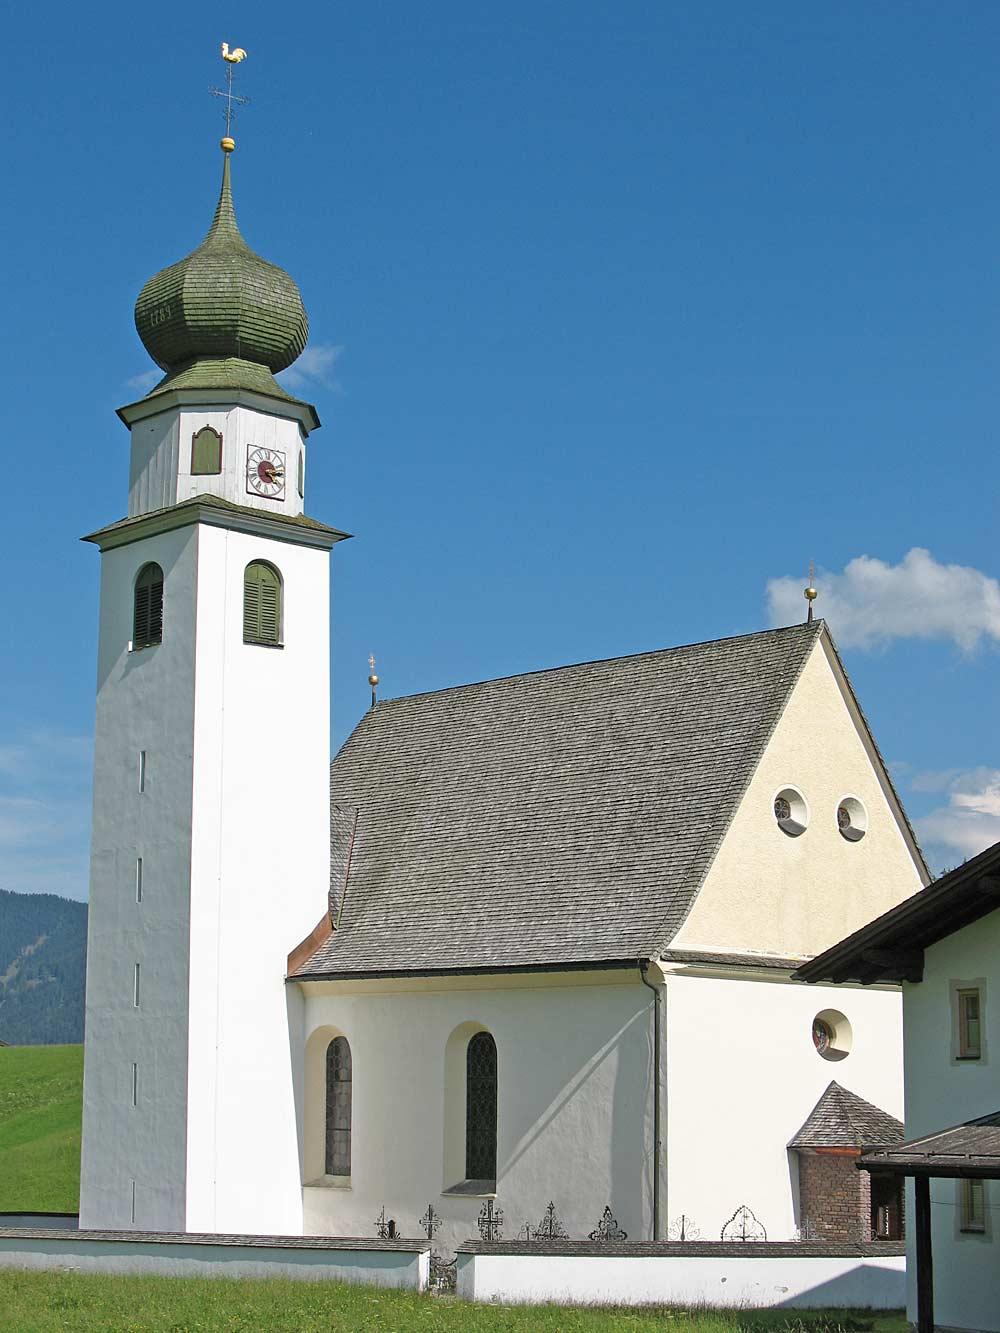 Die katholische Pfarrkirche St. Michael in Thierbach